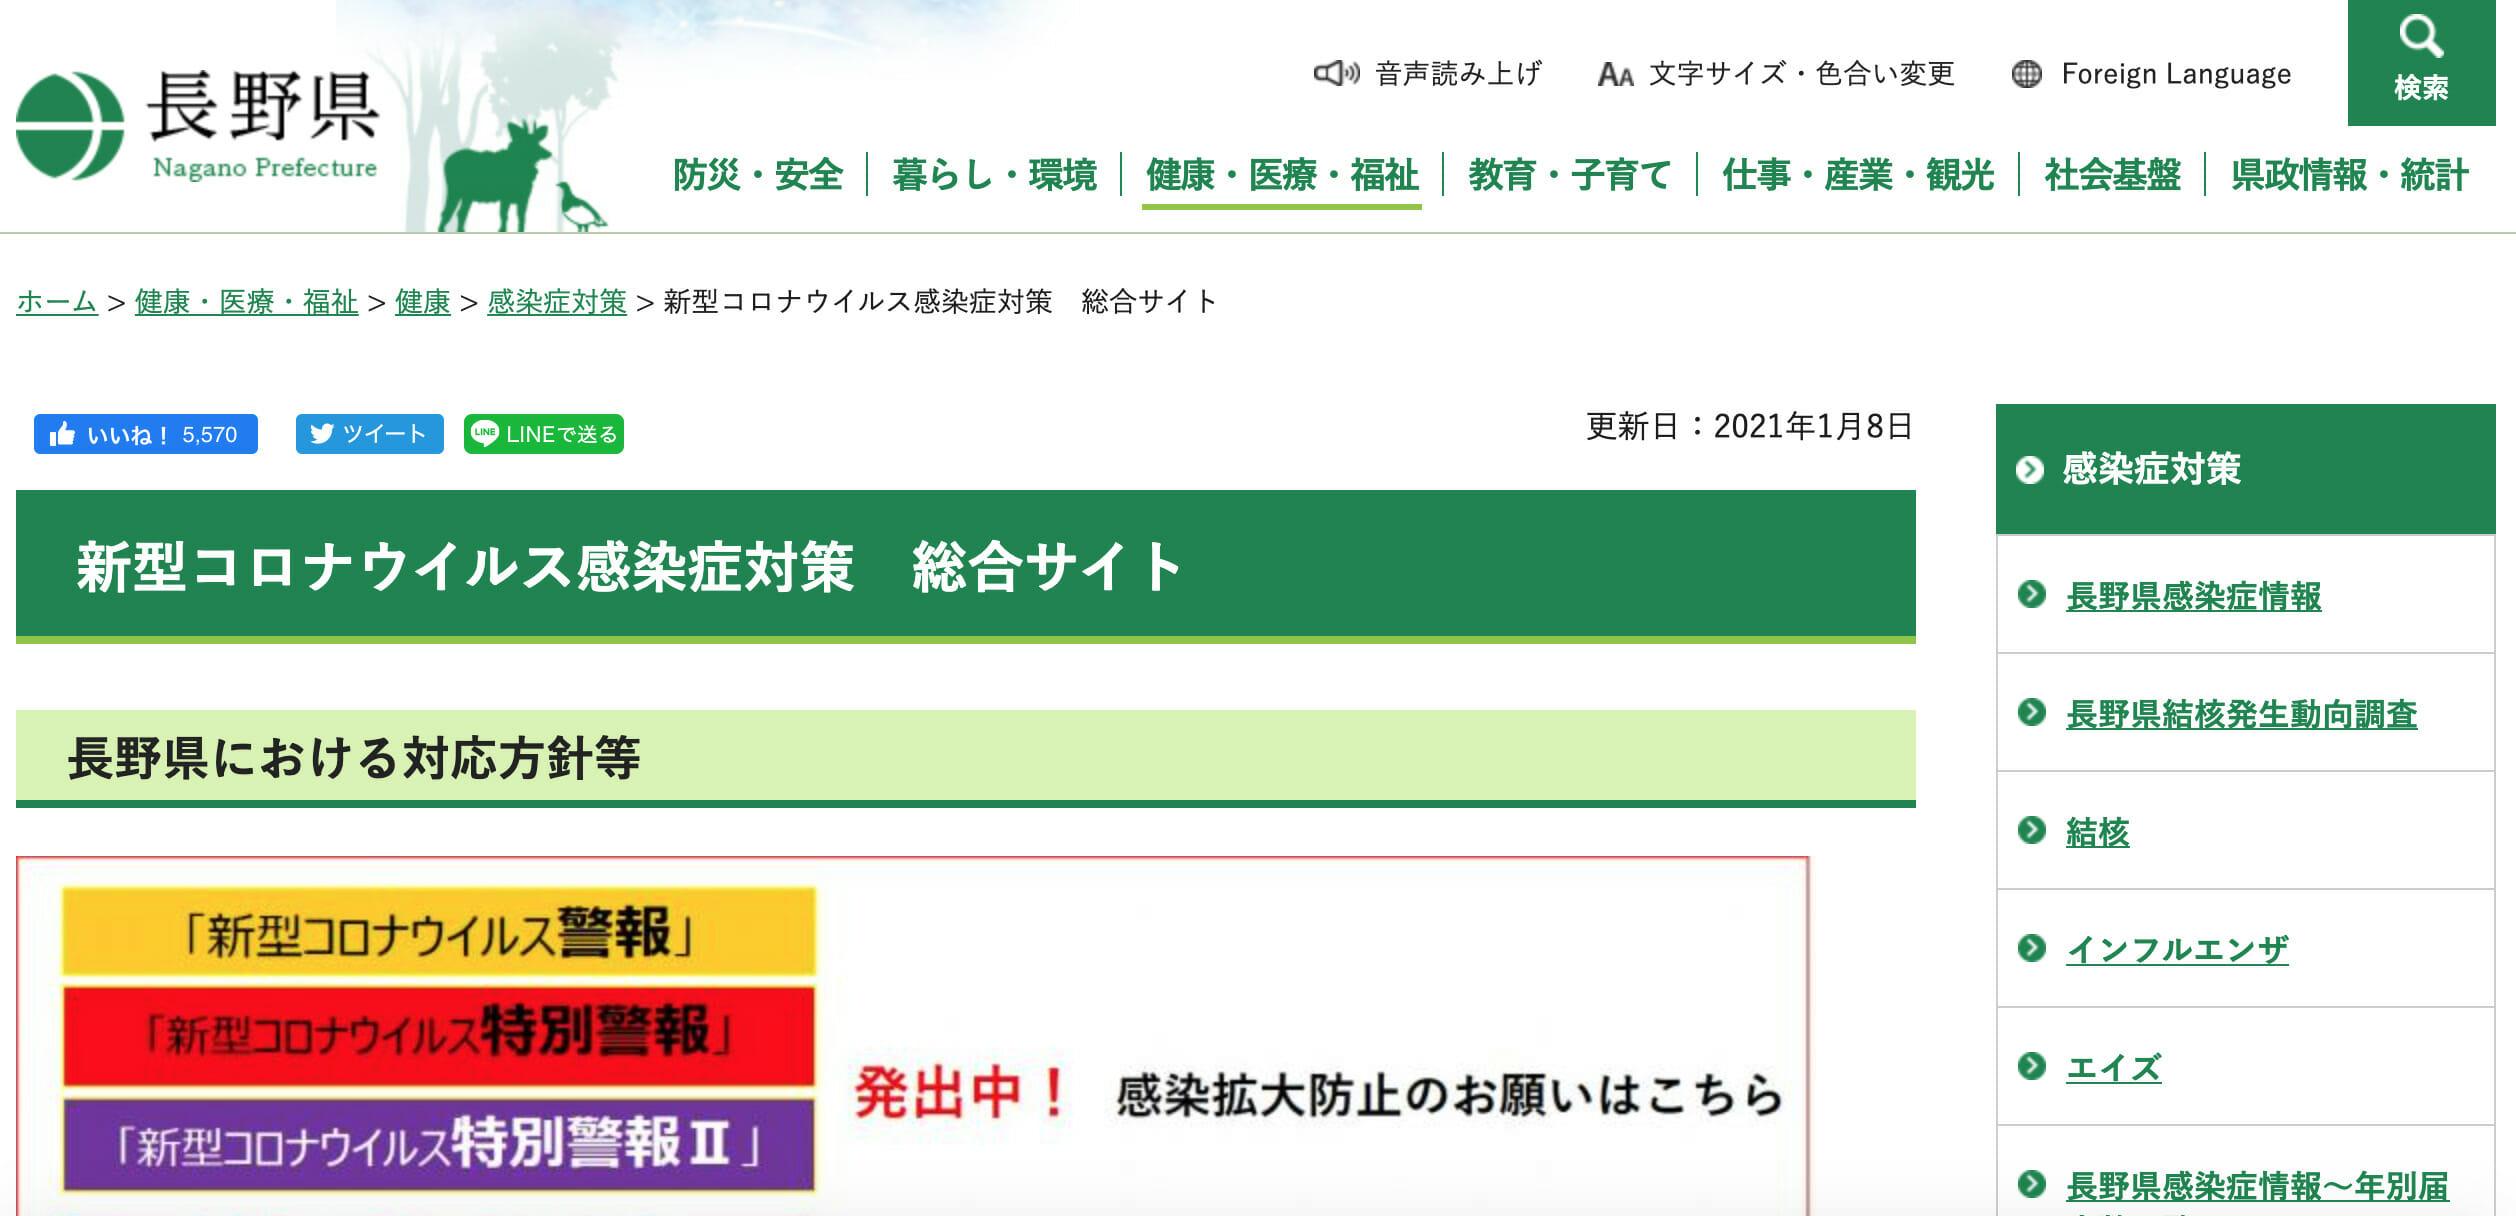 長野県の新型コロナウイルス感染症への対応状況